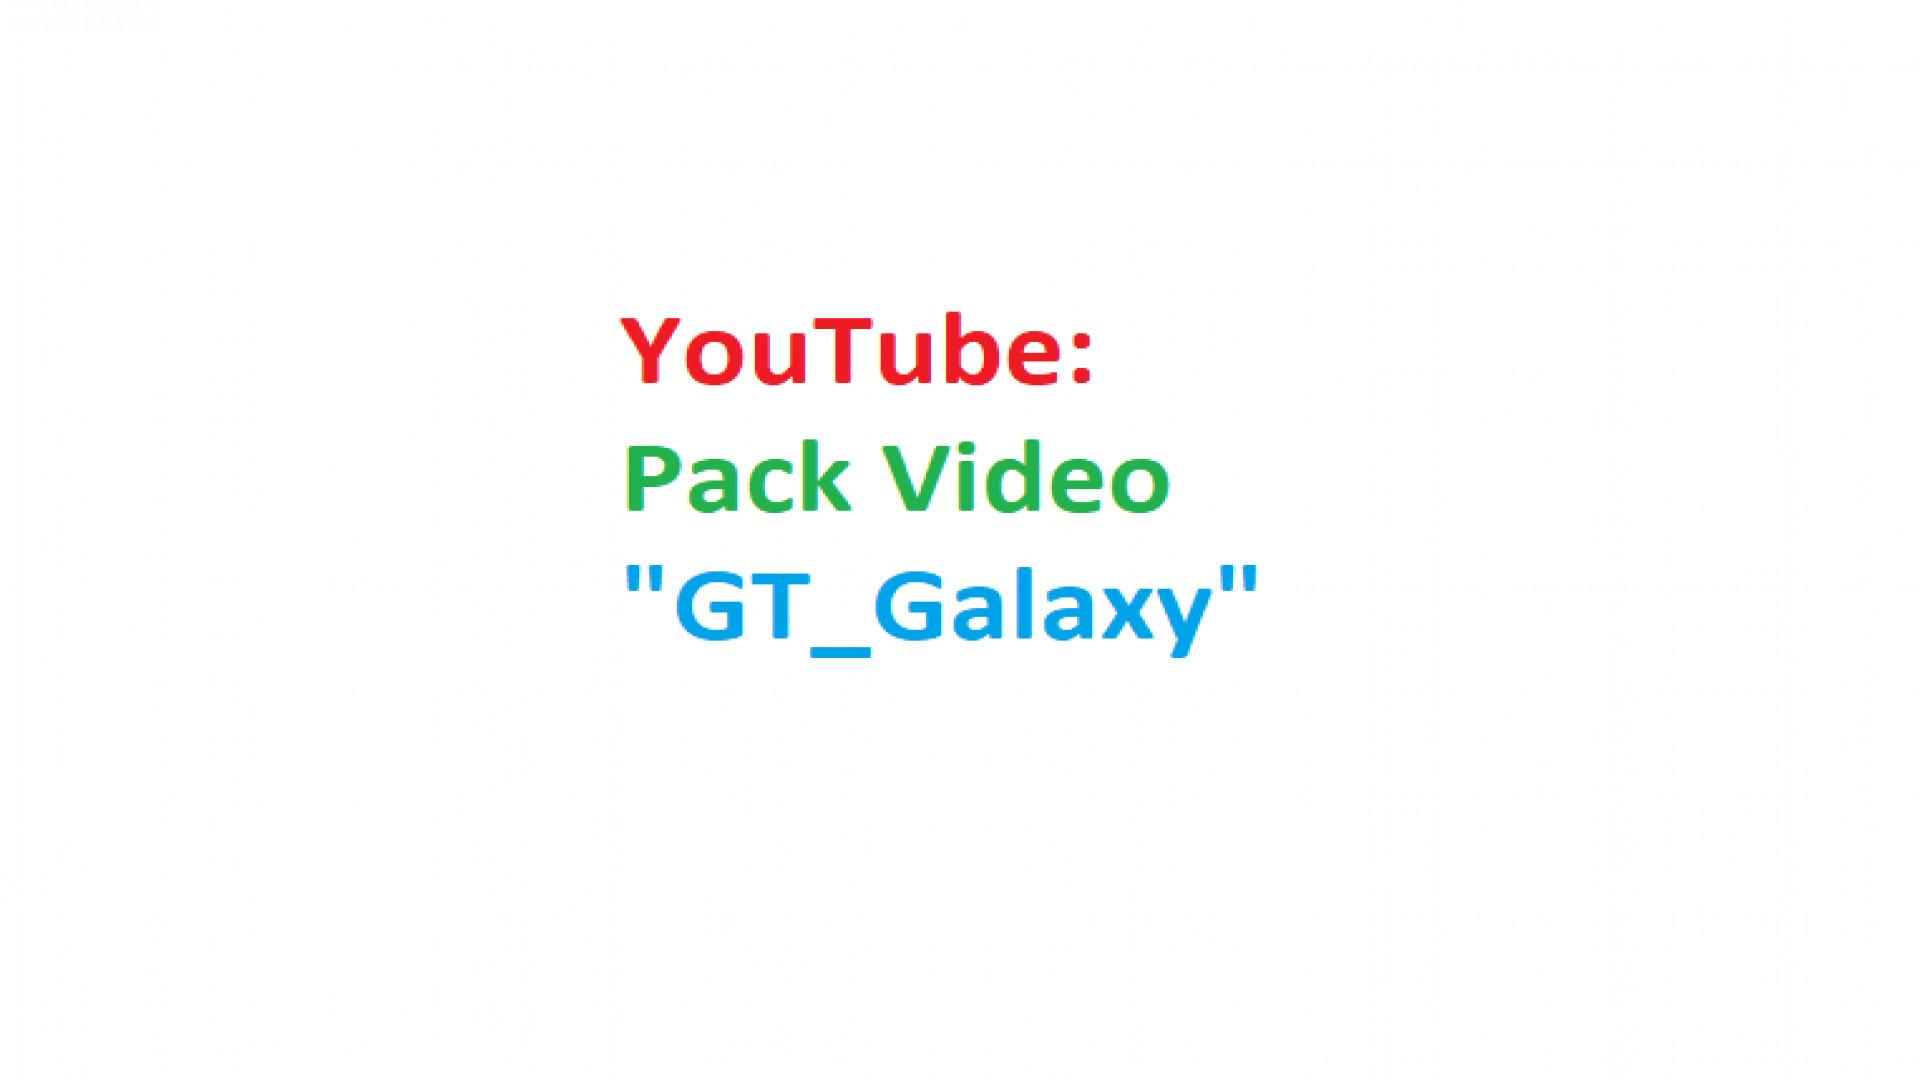 GTT White Chroma RGB Pack v1 made by GTTexturen